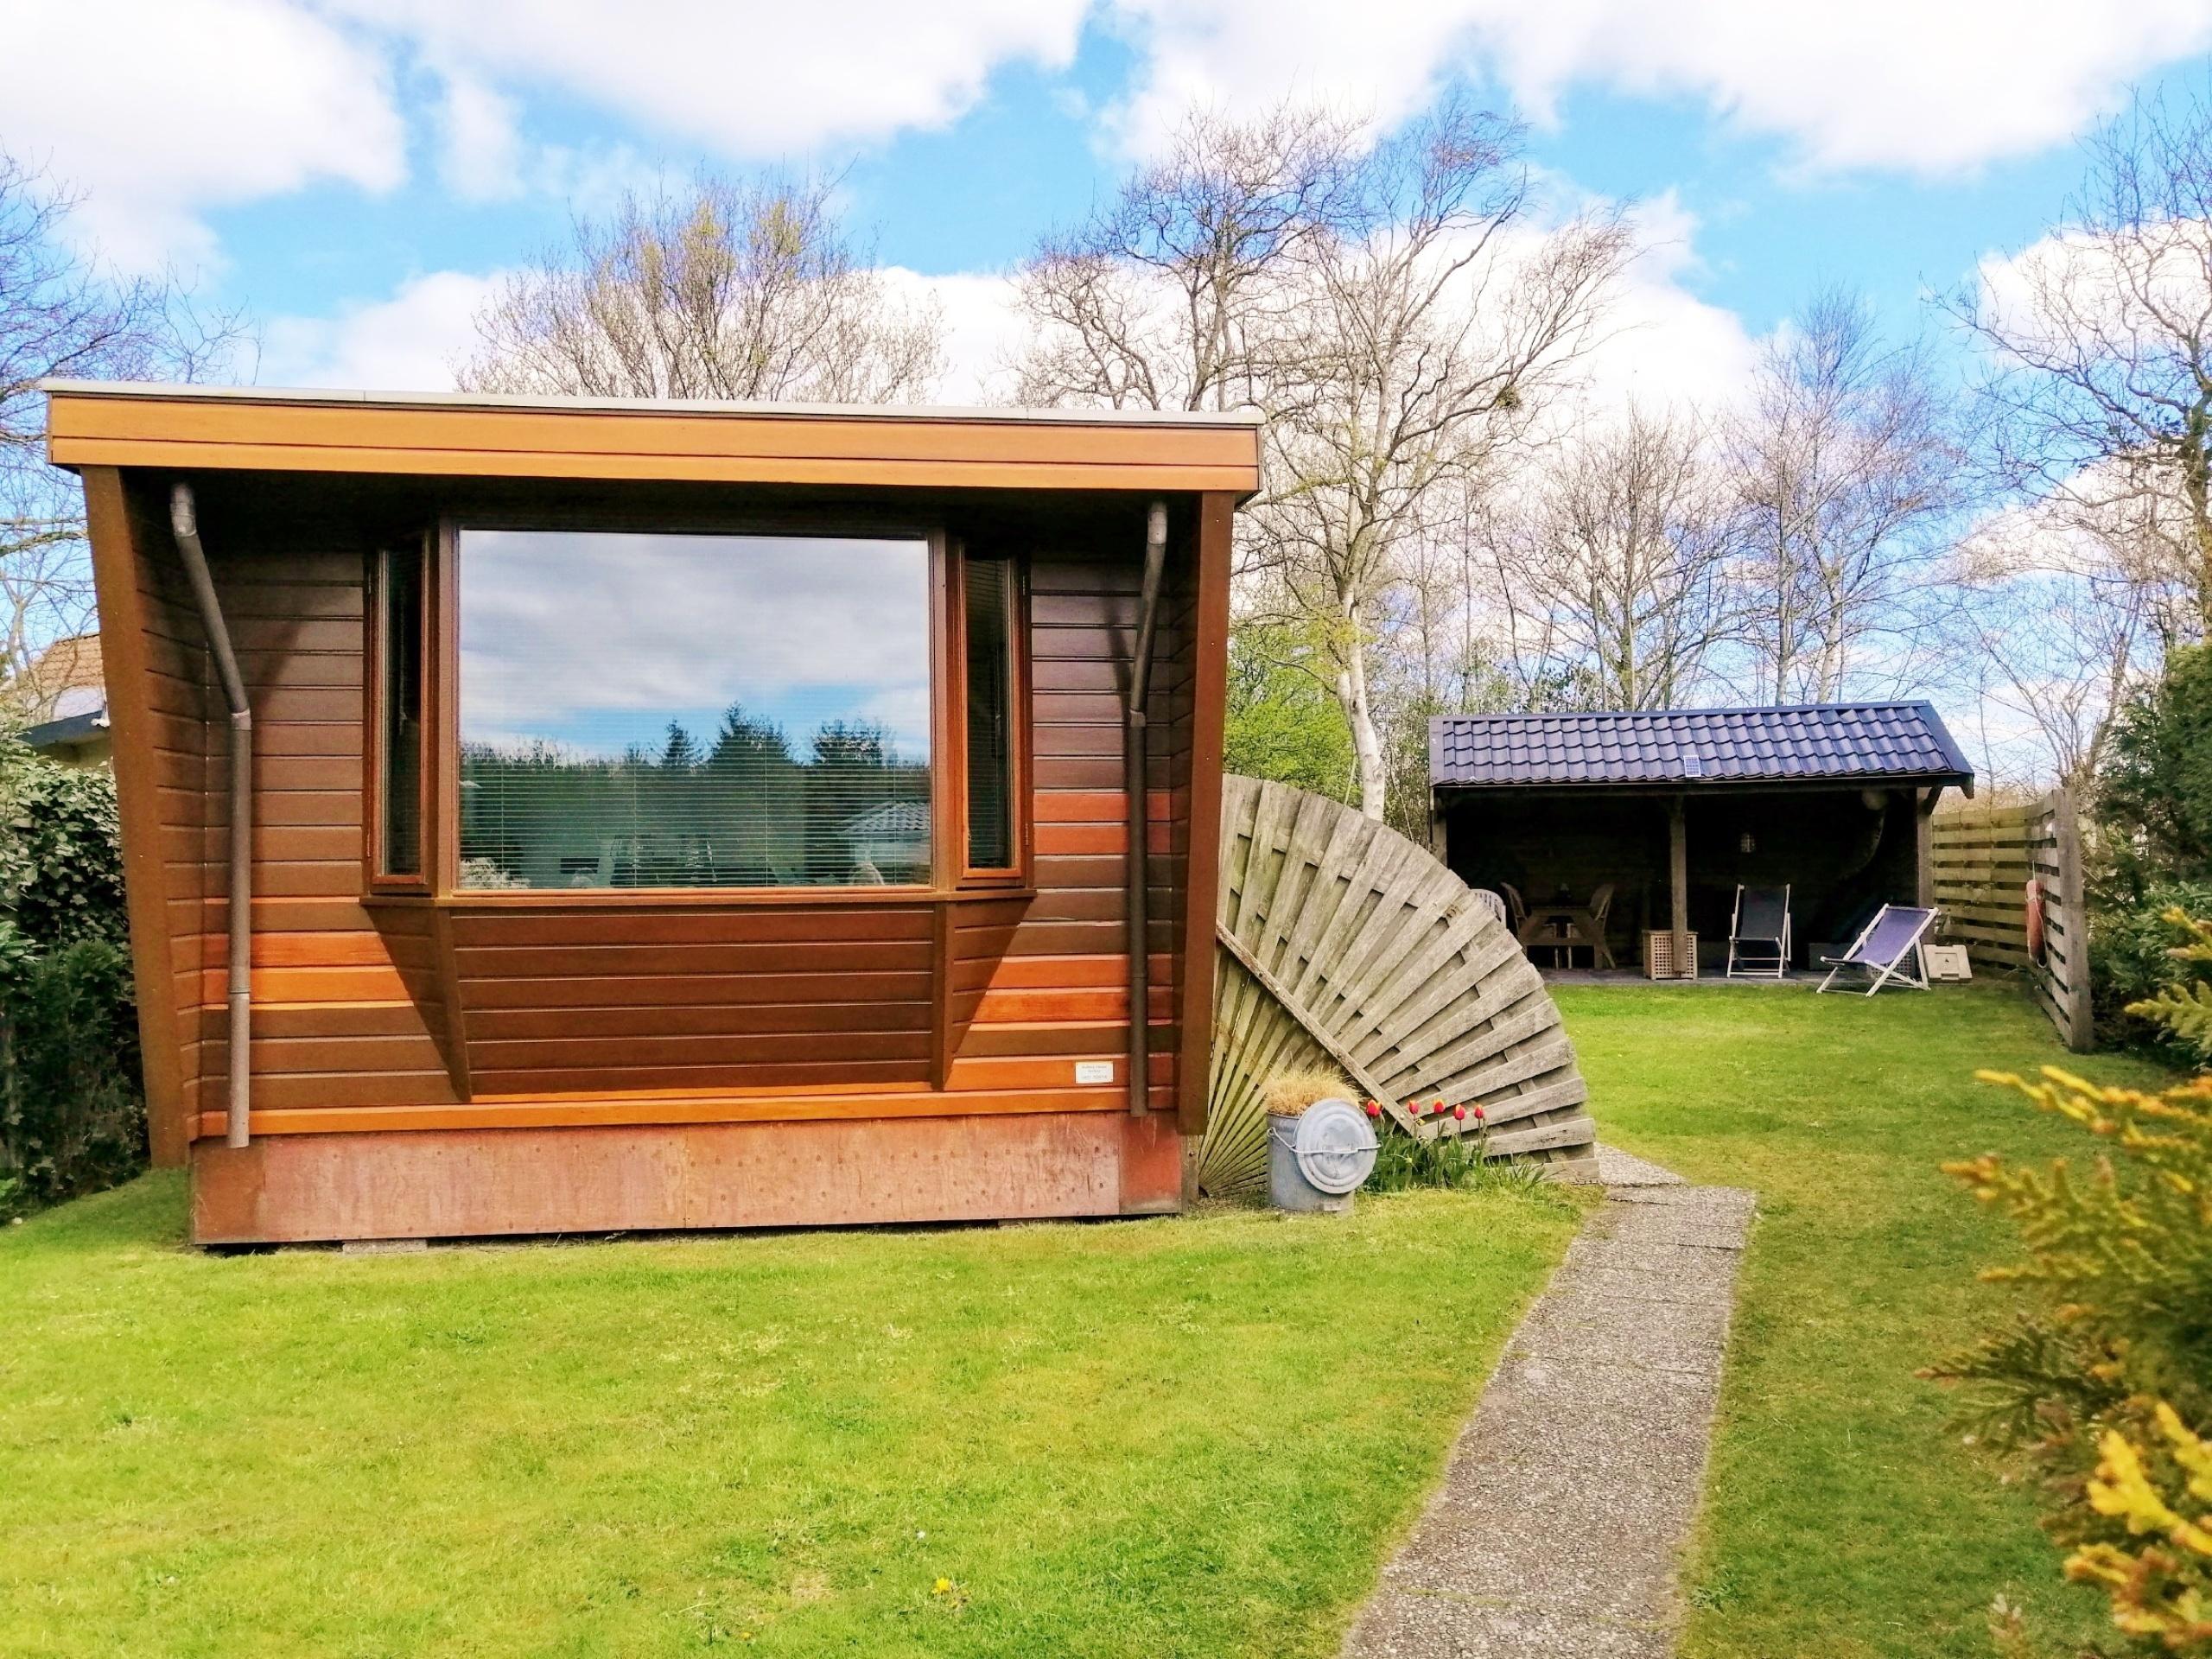 Freistehendes Mobilheim auf Campingplatz in Waldnähe bei Den Burg